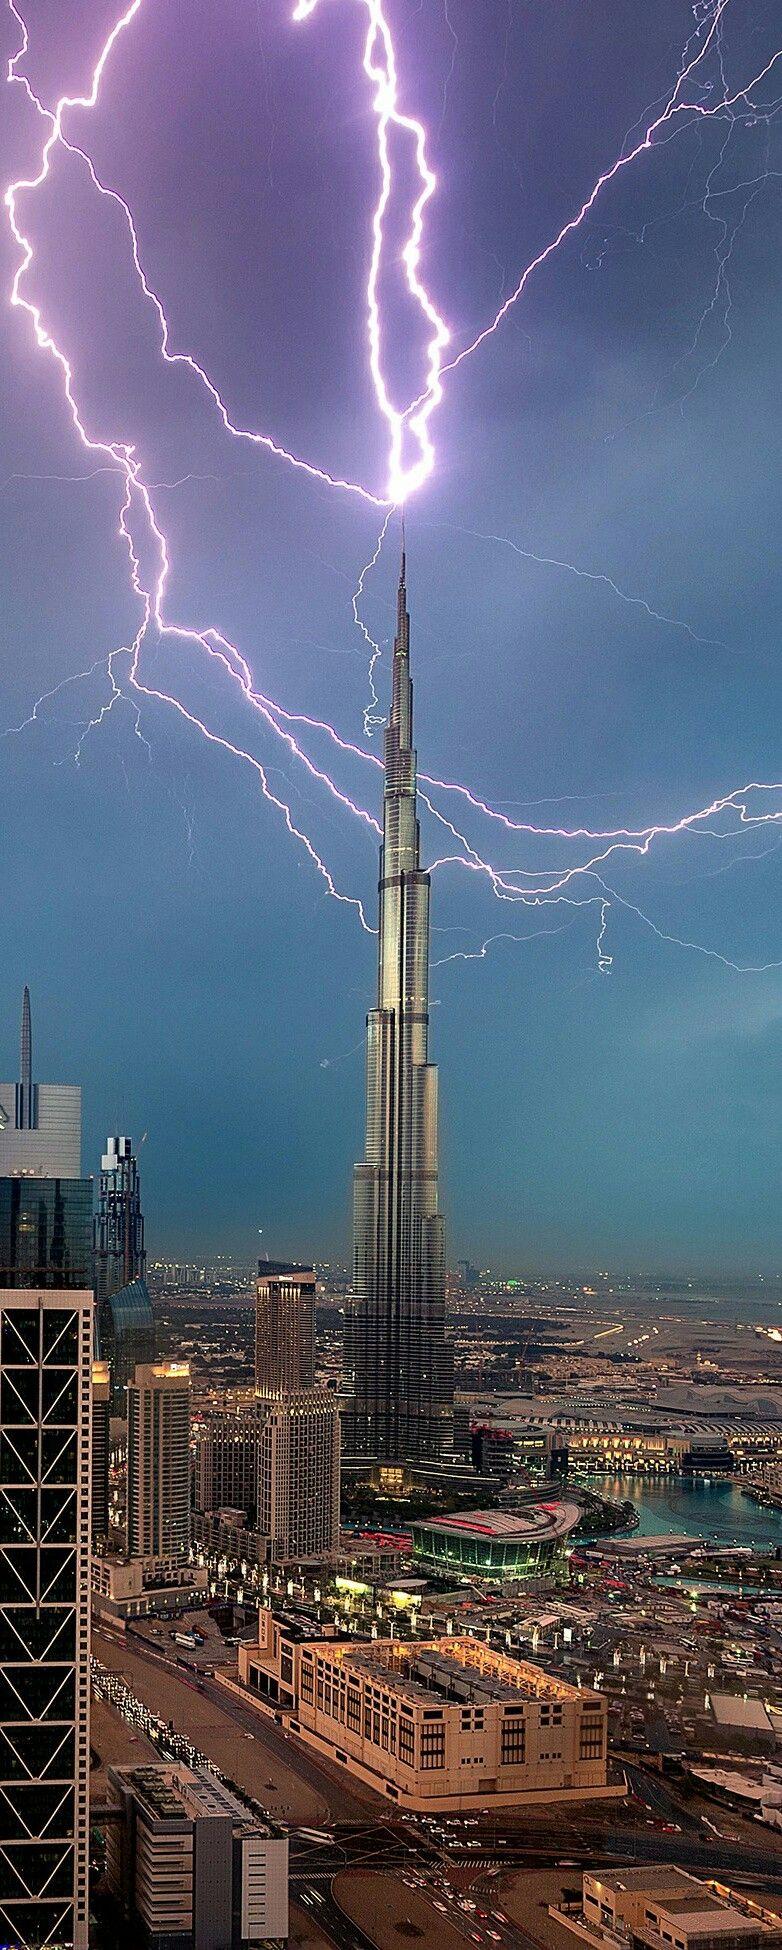 Lightning Strike - Dubai | Lightning | Pinterest | Lightning strikes ...